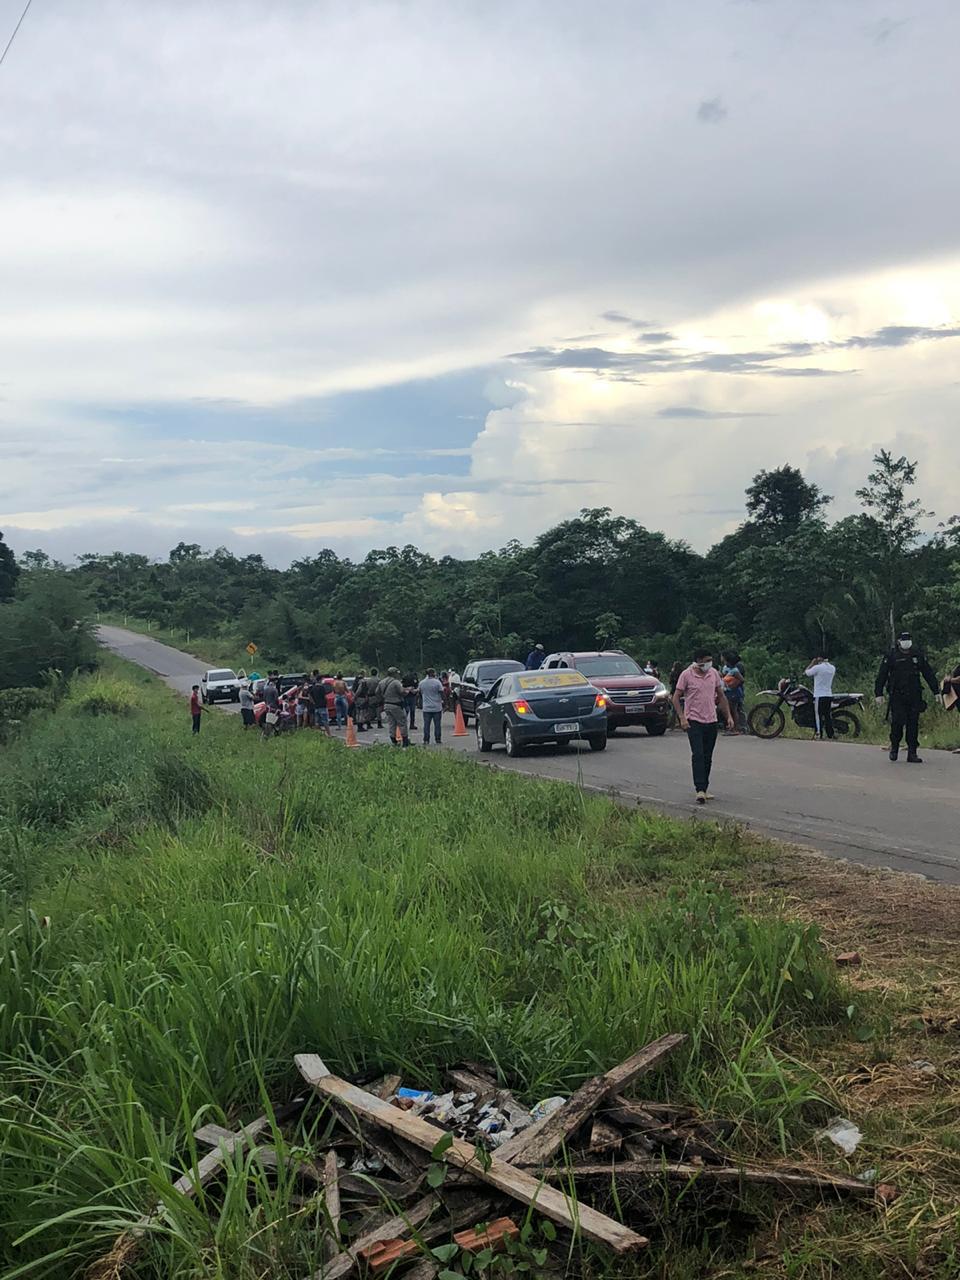 Em Tarauacá, moradores protestam contra decisão de juíza federal e apoiam bloqueio viário. 22.04.20